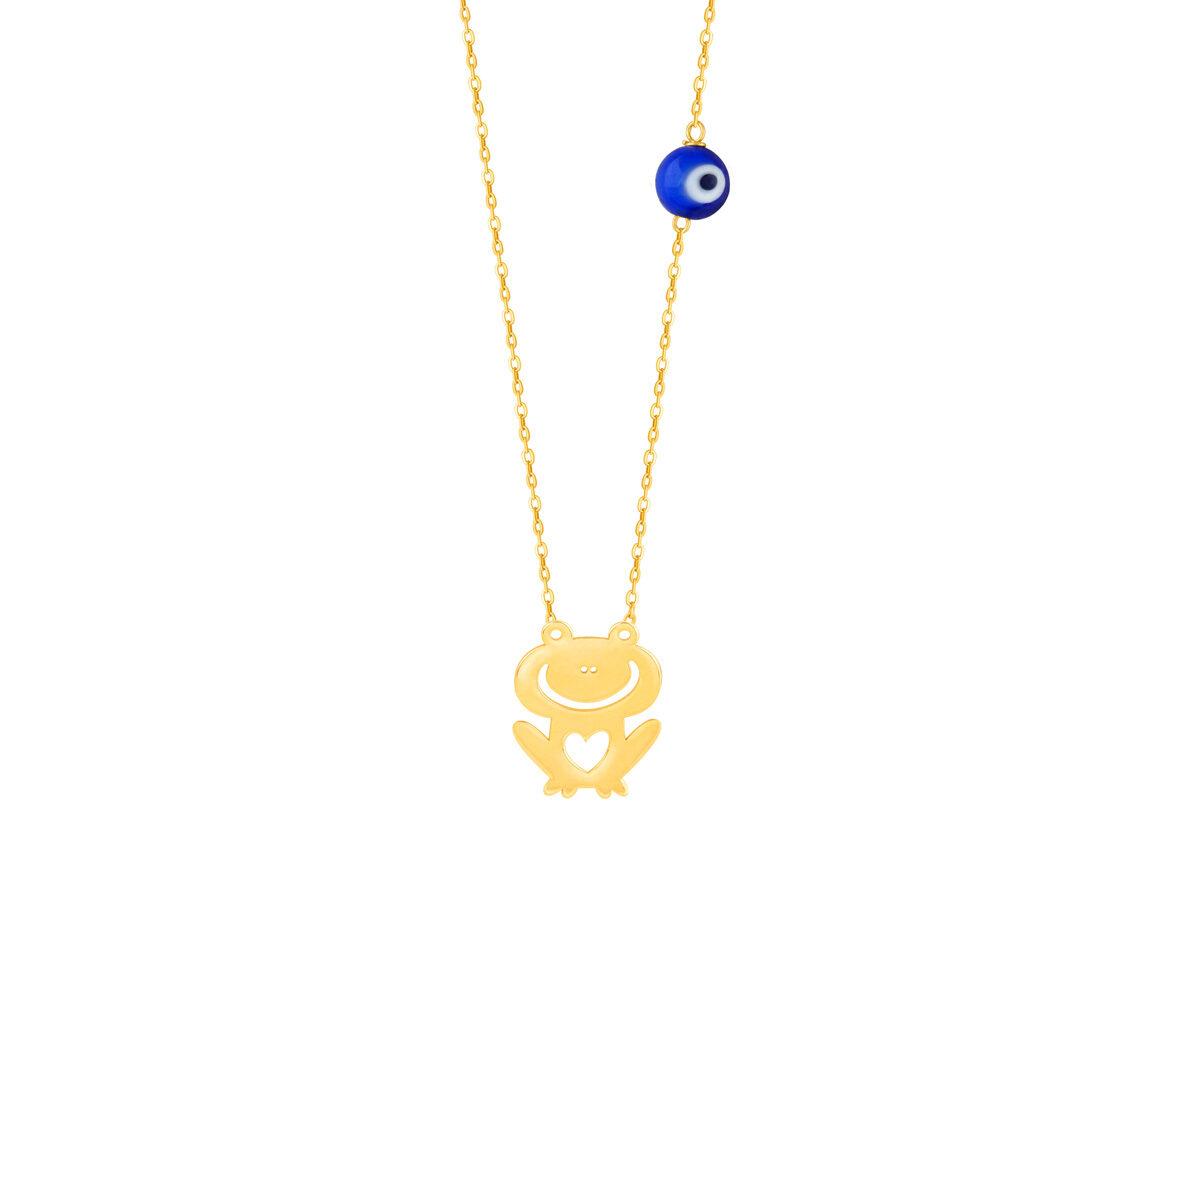 گردنبند طلا بچه گانه قورباغه